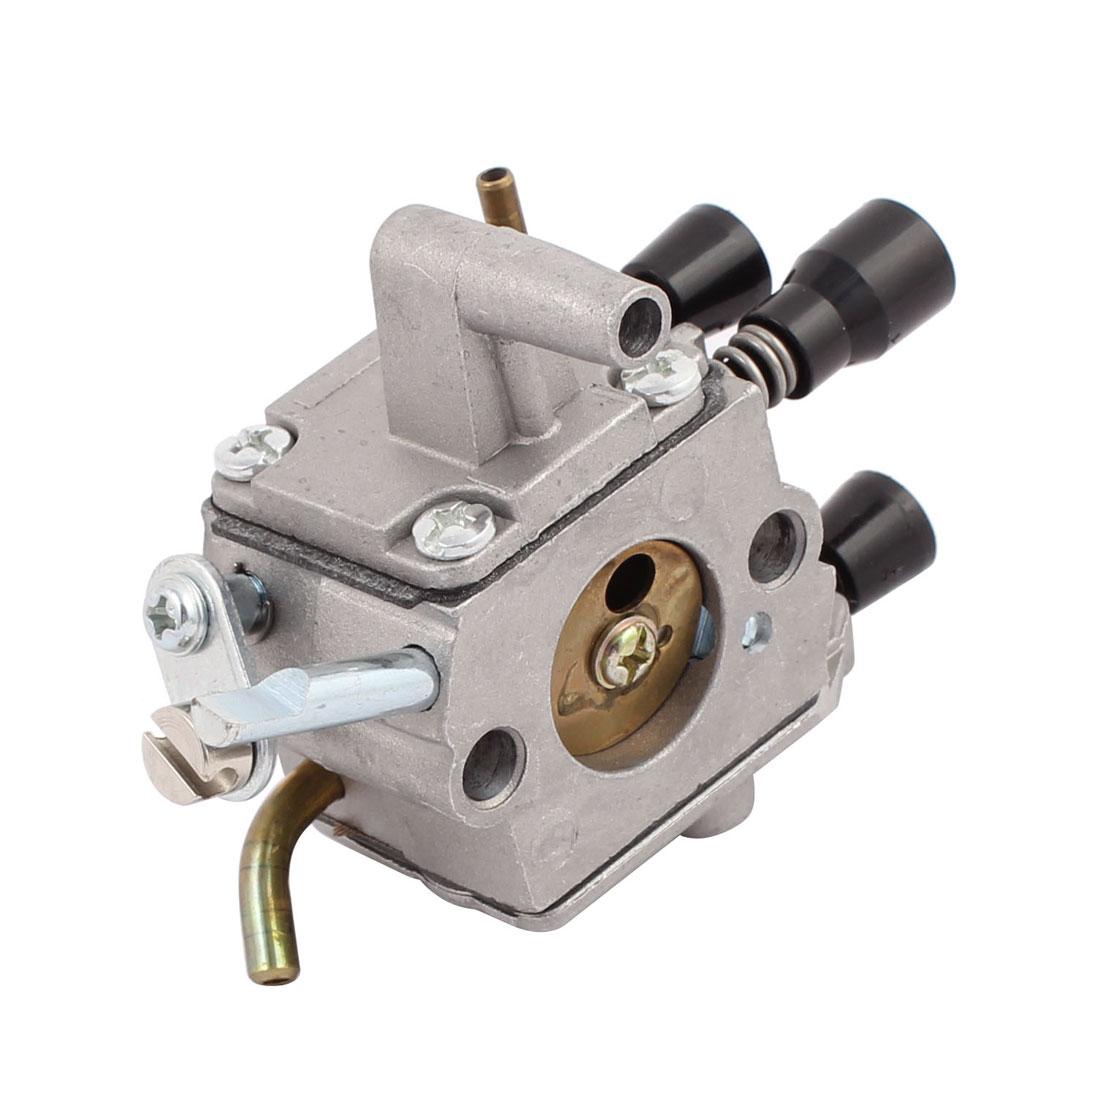 New Carburetor for ZAMA Chainsaw Parts Lawn Mower FS120 Petrol/Gas